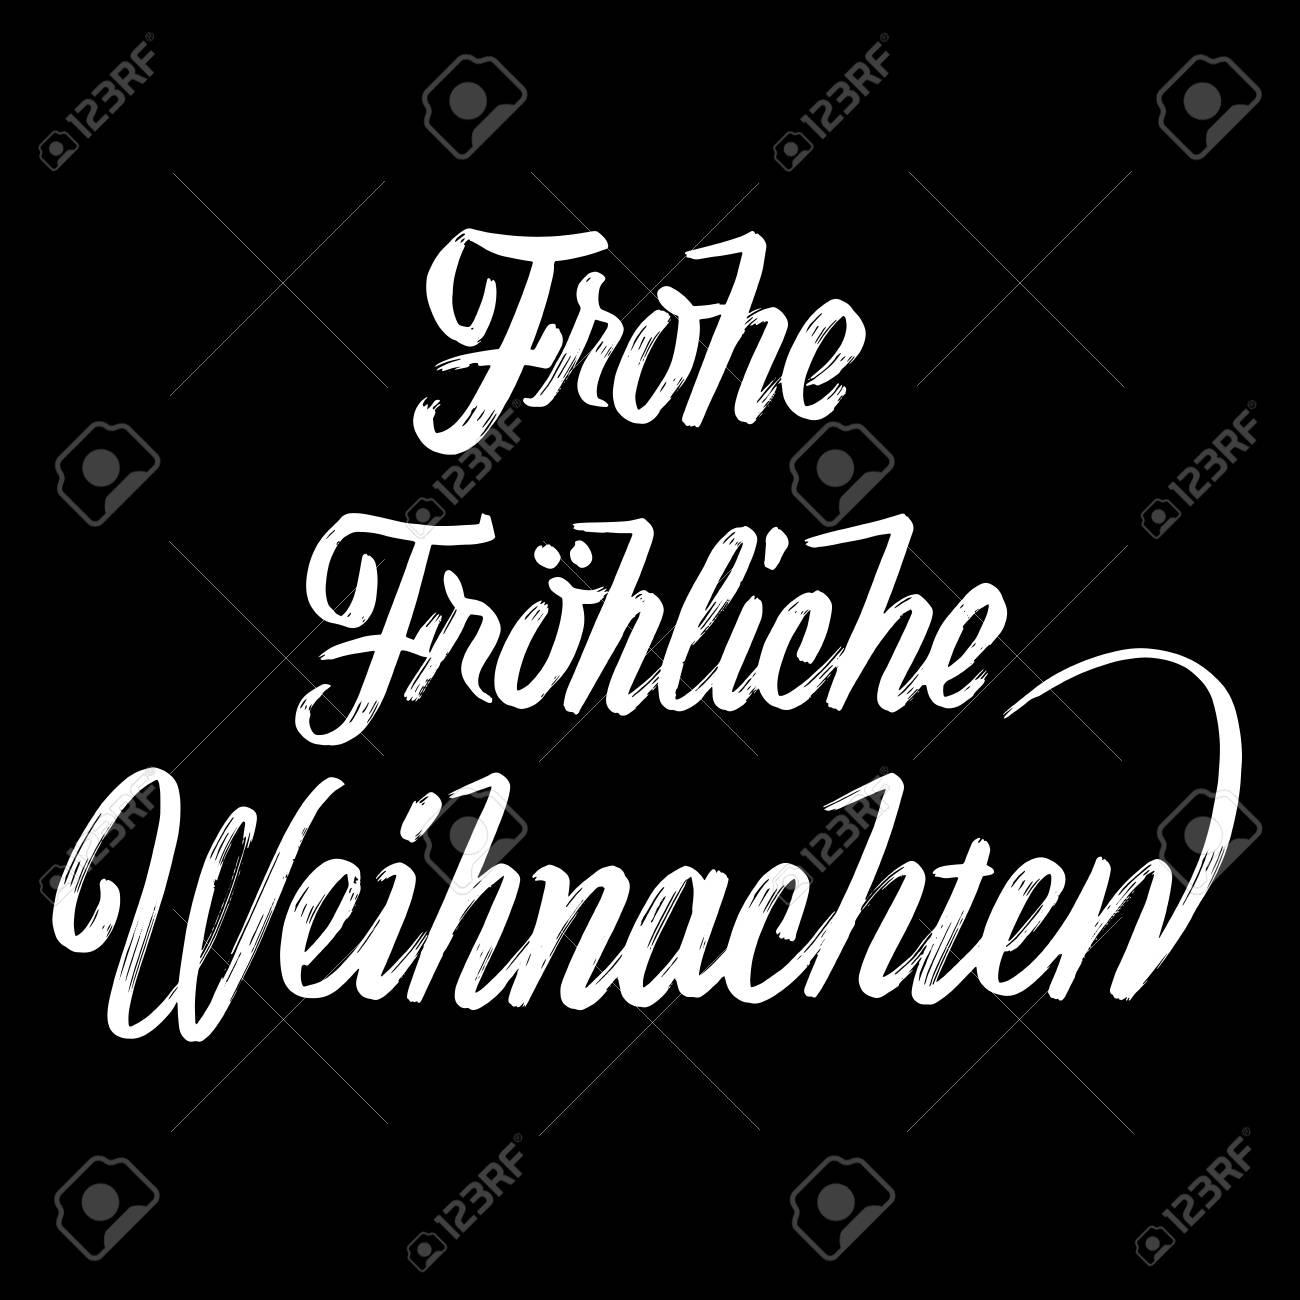 Frohe Frohe Weihnachten Schriftzug In Deutsch, Handgemachte ...